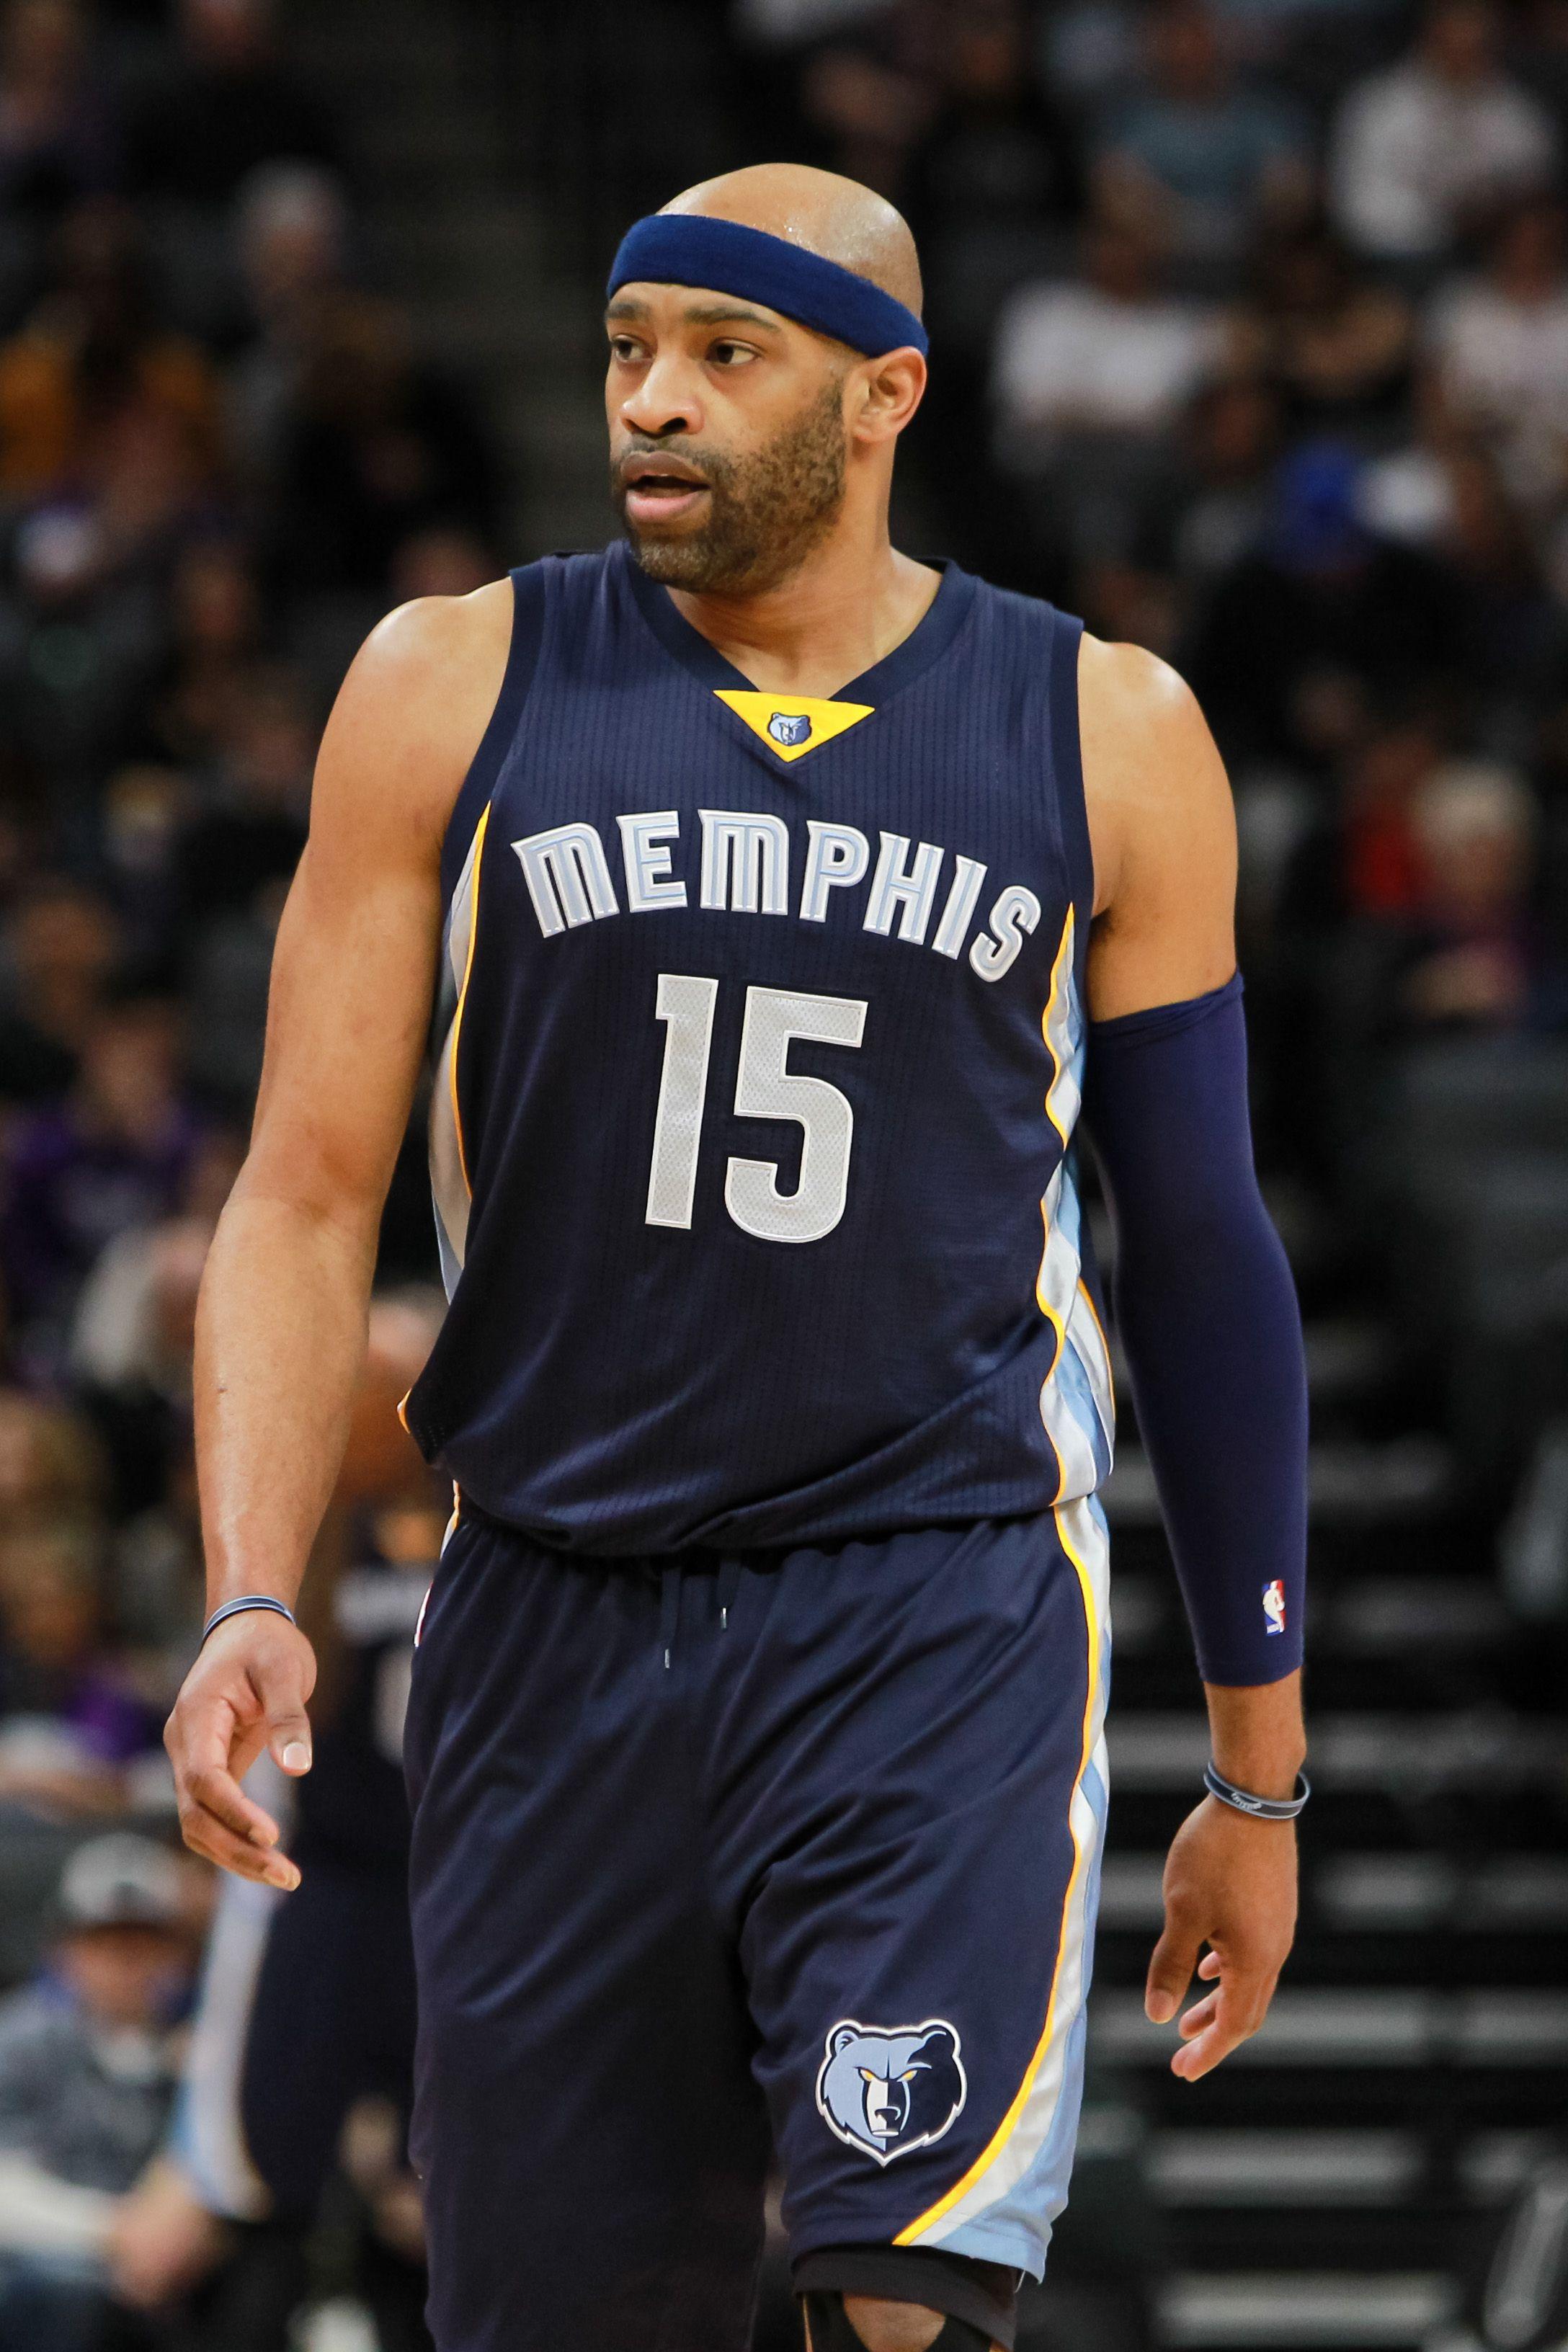 separation shoes 4dff6 24210 Vince Carter - Memphis Grizzlies 2014 to 2017 | NBA ...